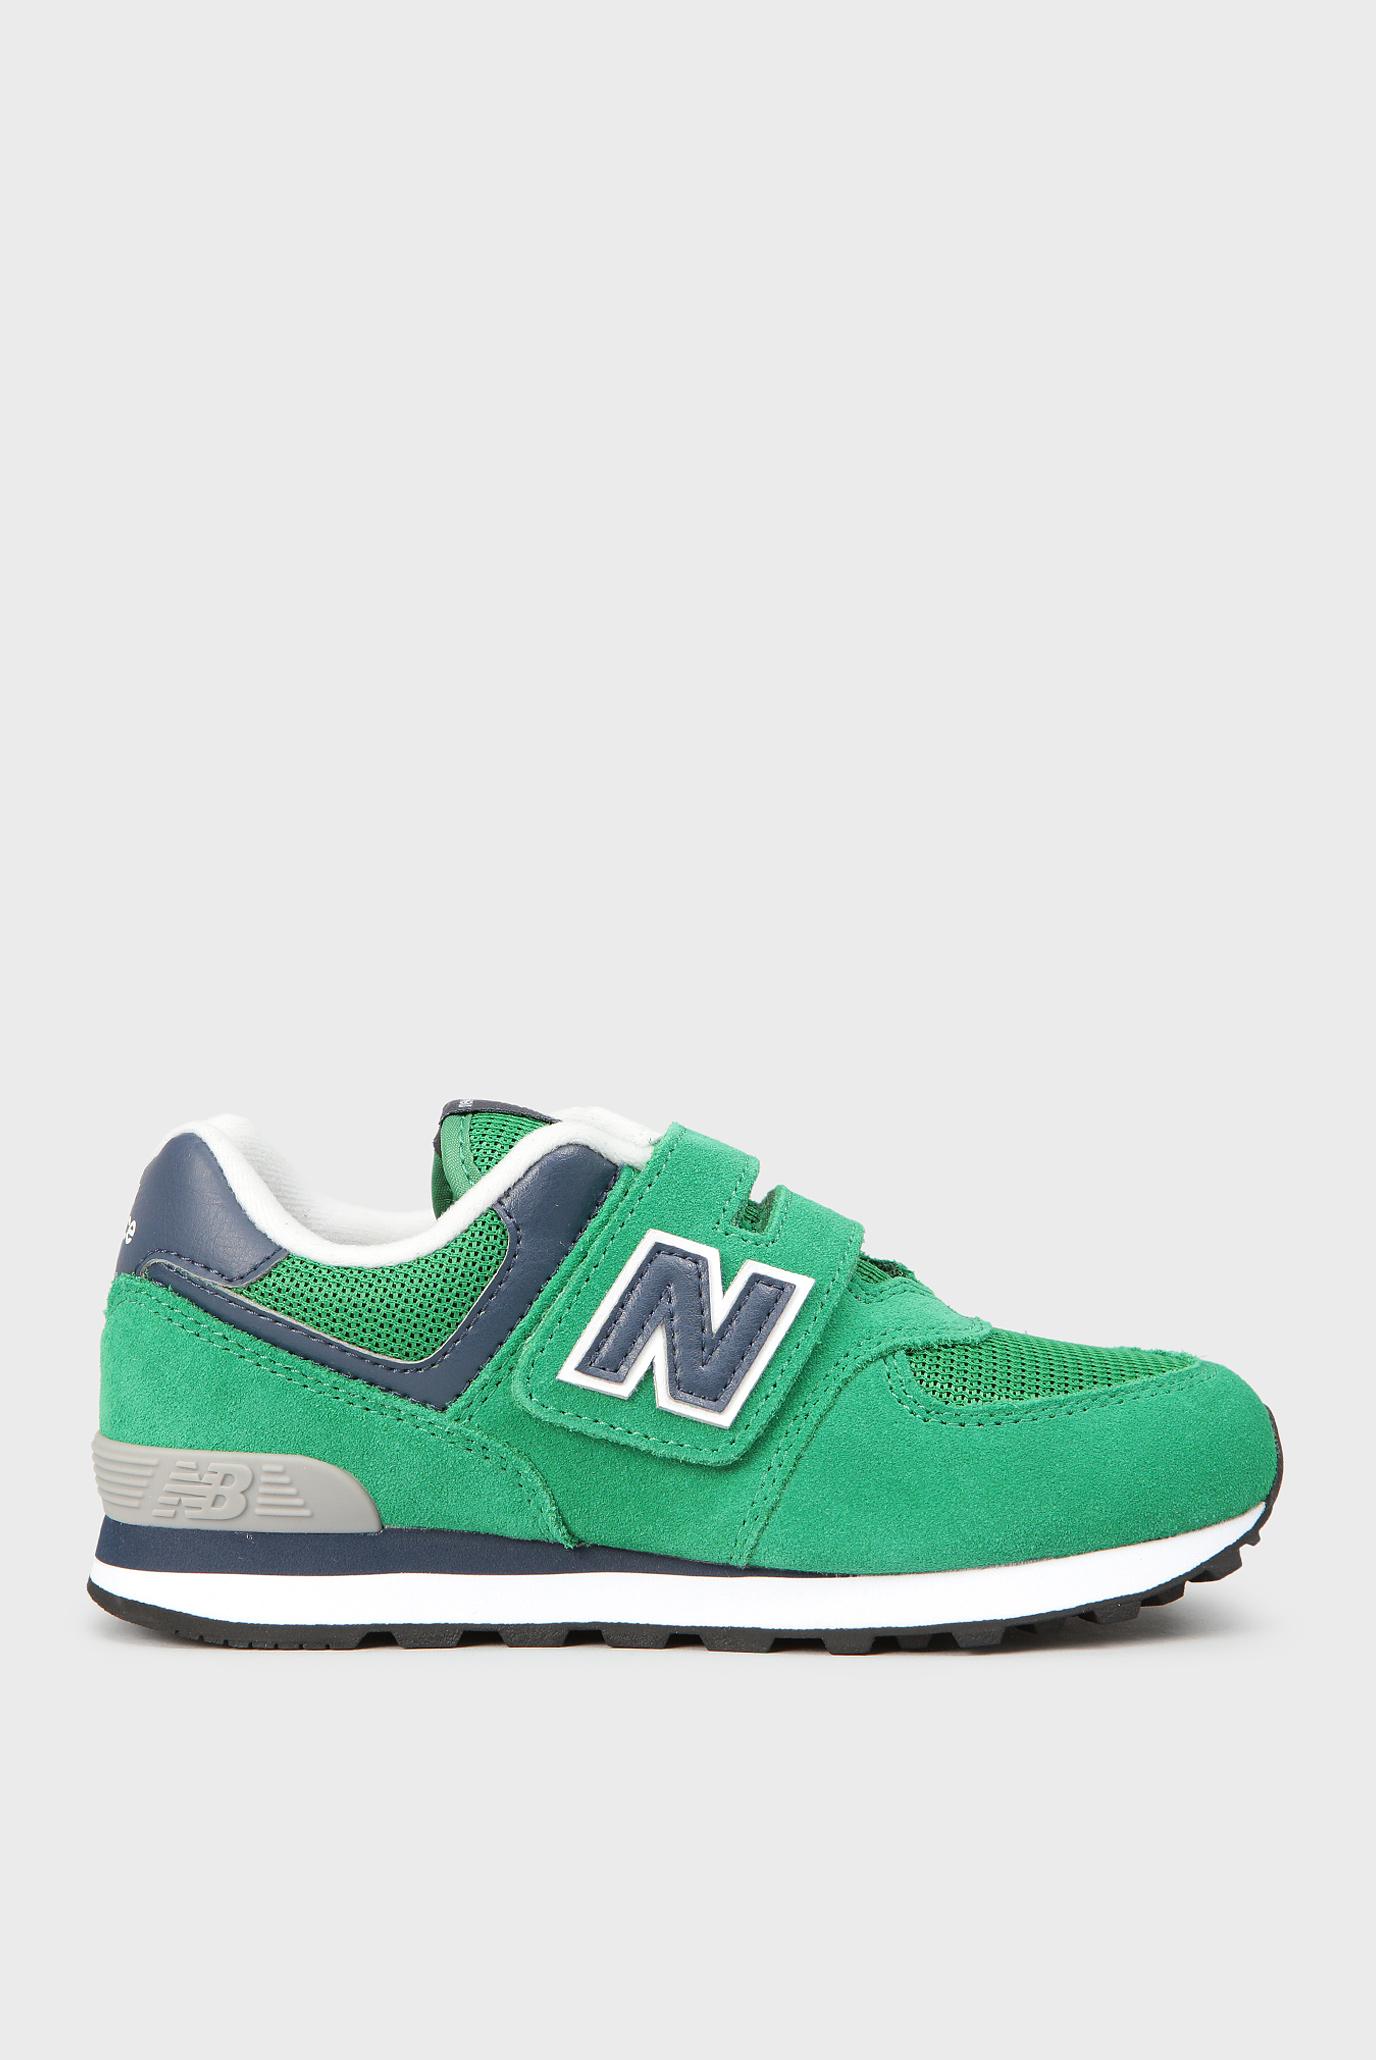 831fe9b4 Купить Детские зеленые кроссовки 574 New Balance New Balance YV574GN ...